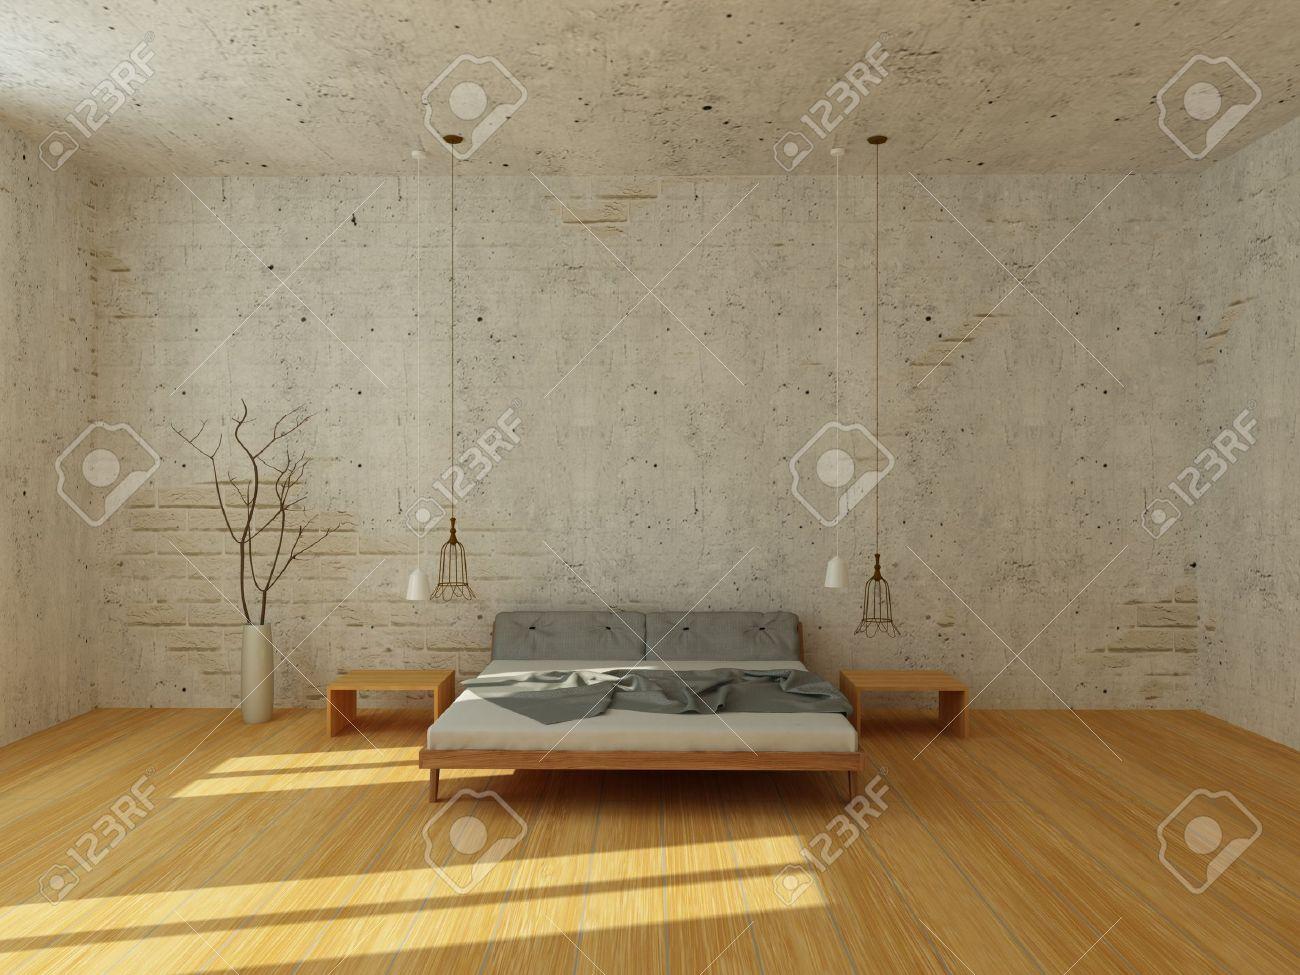 Holzfußboden Schlafzimmer ~ Schlafzimmer ispiration mit holzboden weiß und rosafarbige